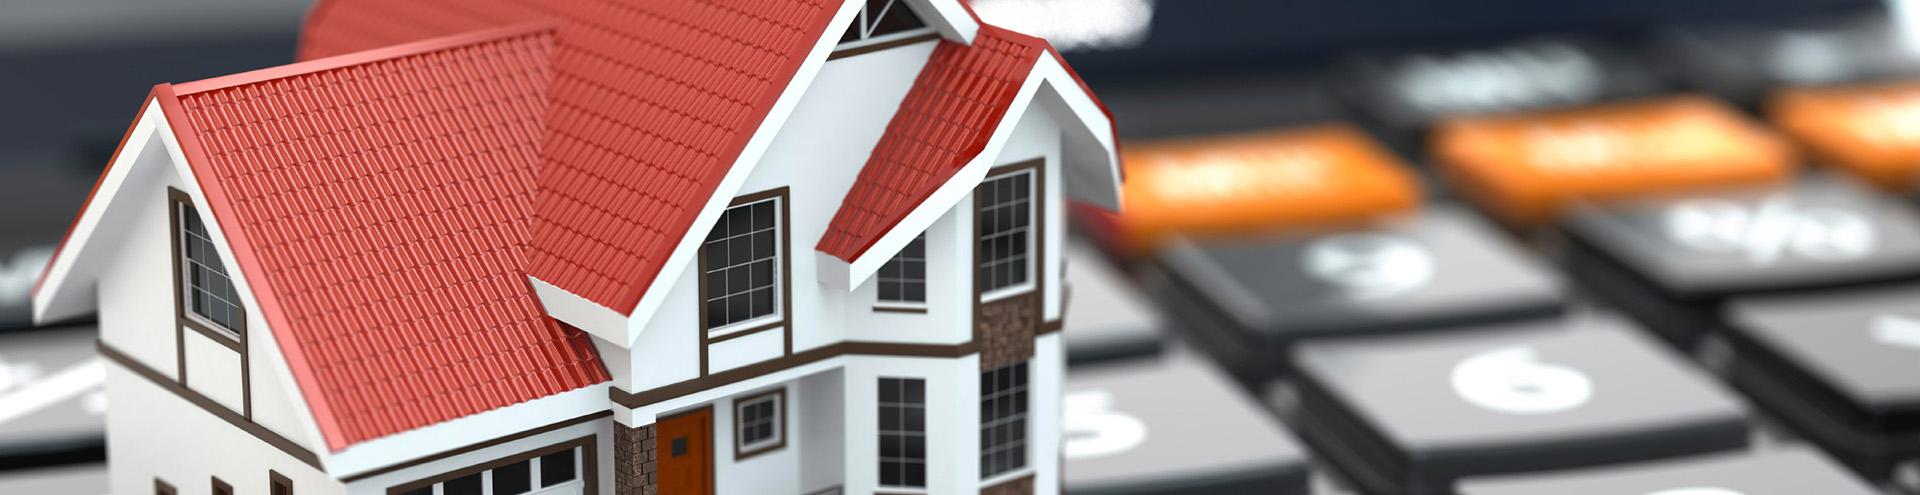 кадастровая стоимость квартиры в Твери